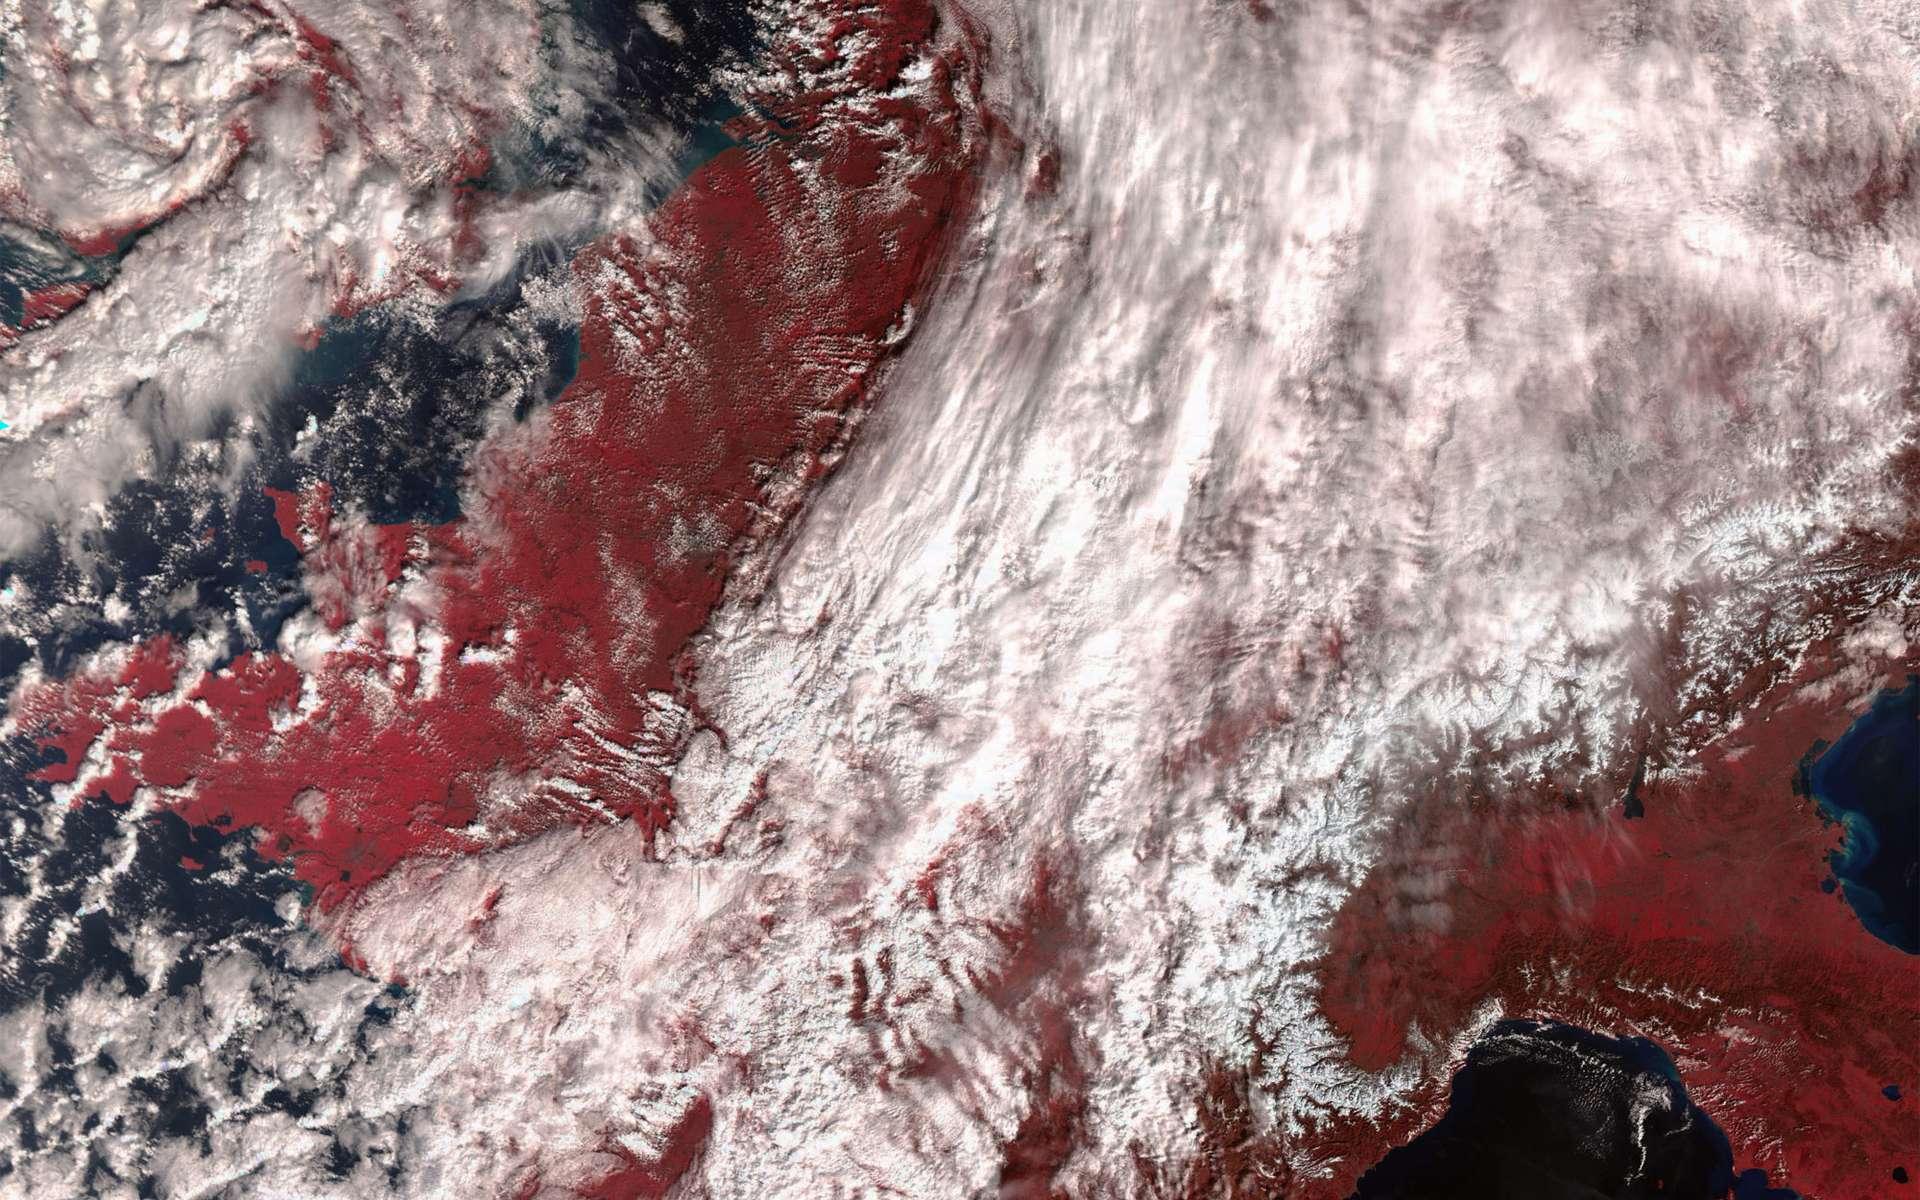 Premières images de l'instrument SLSTR dédié à la mesure de la température de surface des océans et des terres émergées. Sur cette image en fausses couleurs qui fournit des informations sur les températures et la végétation (rouge), on reconnait la France, l'Italie, la Belgique et aussi le sud du Royaume-Uni où s'enroulait alors la tempête Jake. Les canaux thermiques infrarouges de l'instrument (dès qu'il sera opérationnel) permettront d'acquérir des mesures de températures avec une précision meilleure de 0,3 °C. © Copernicus data (2016)